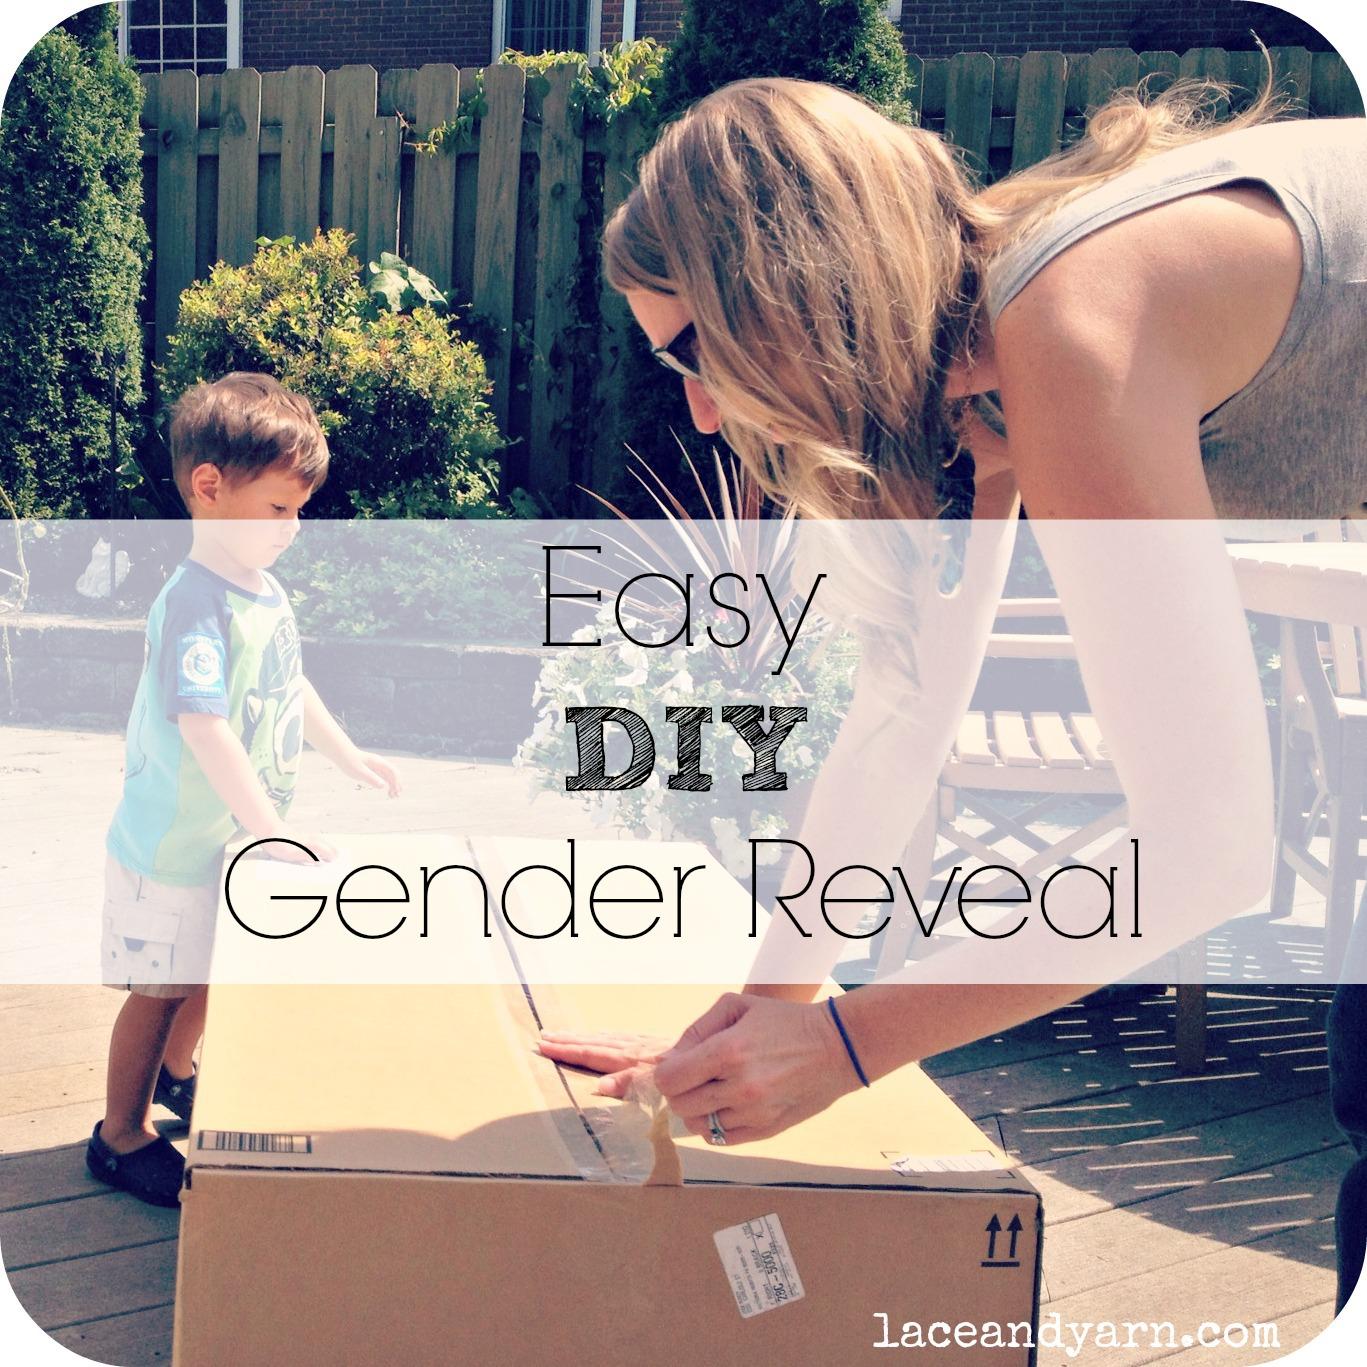 Easy DIY Gender Reveal by laceandyarn.com